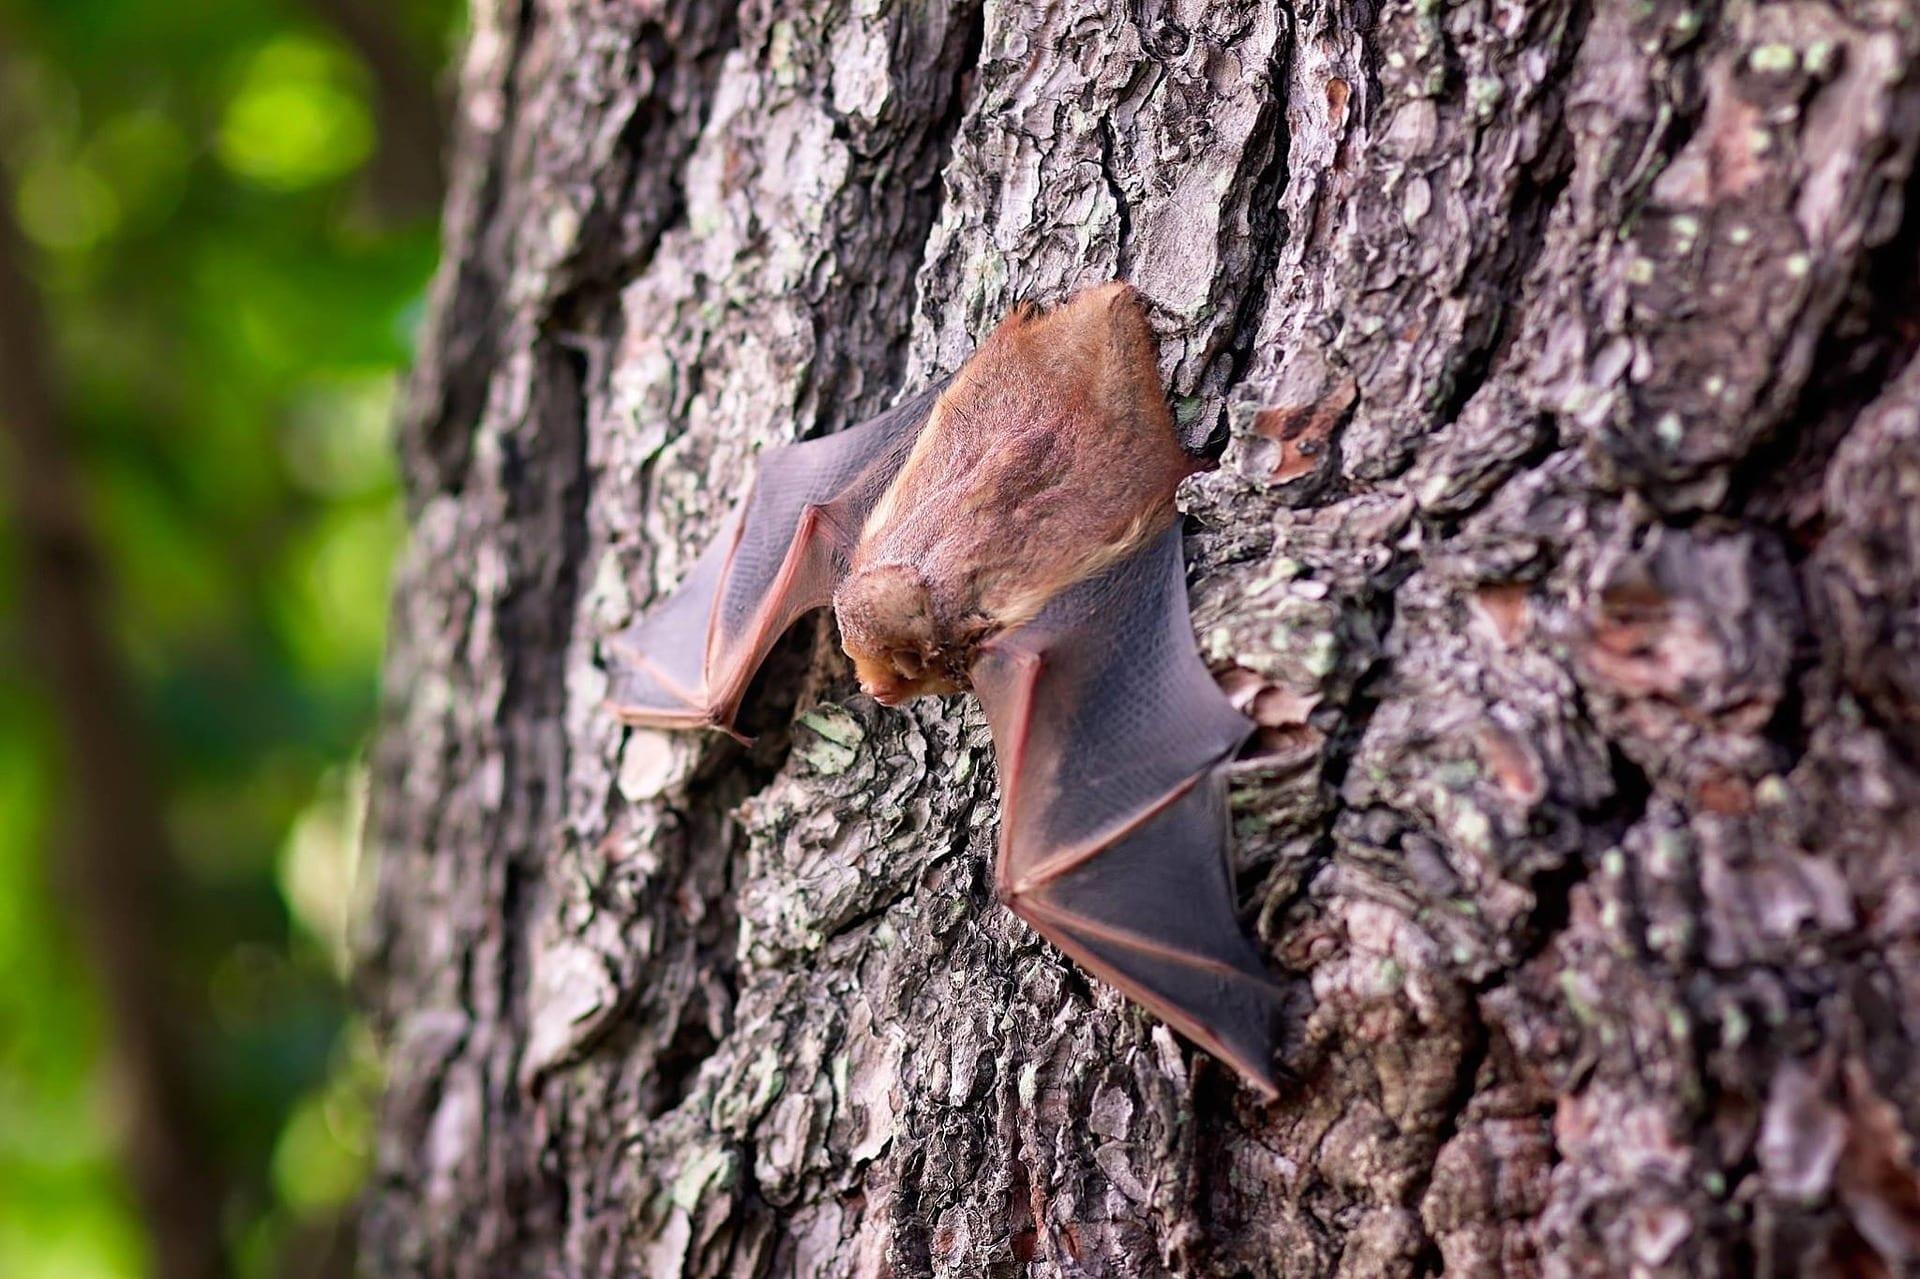 bat-1695186_1920